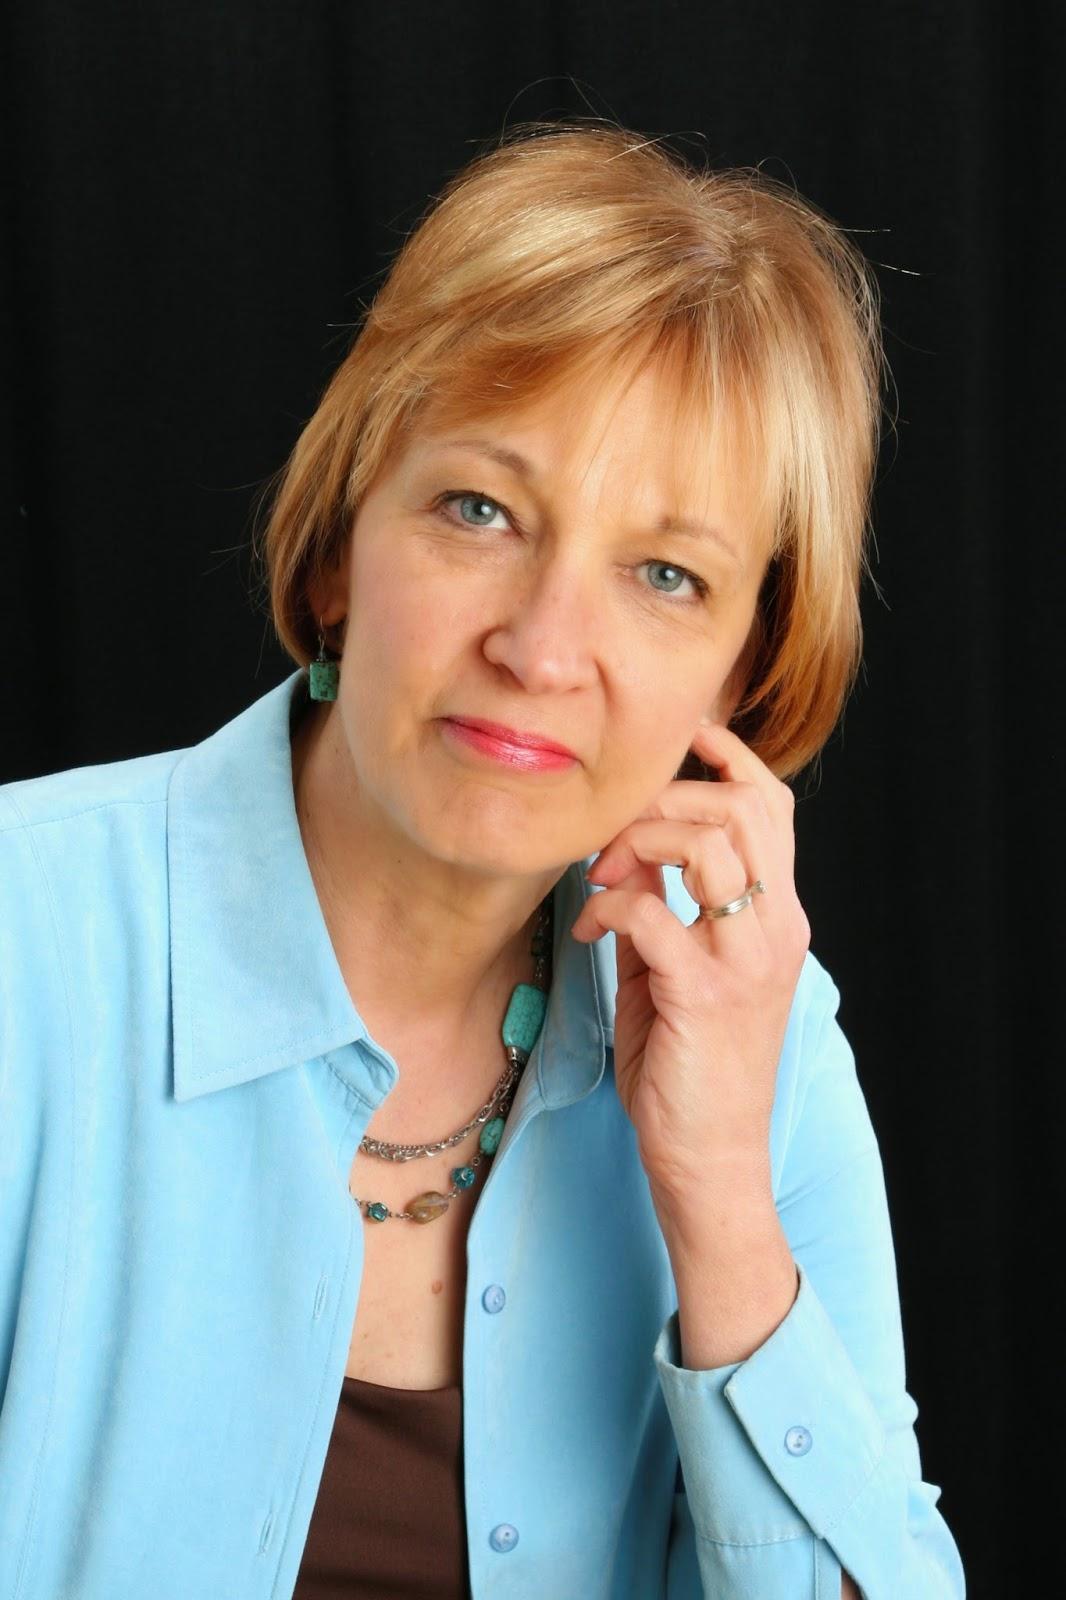 Lynne austin Nude Photos 100